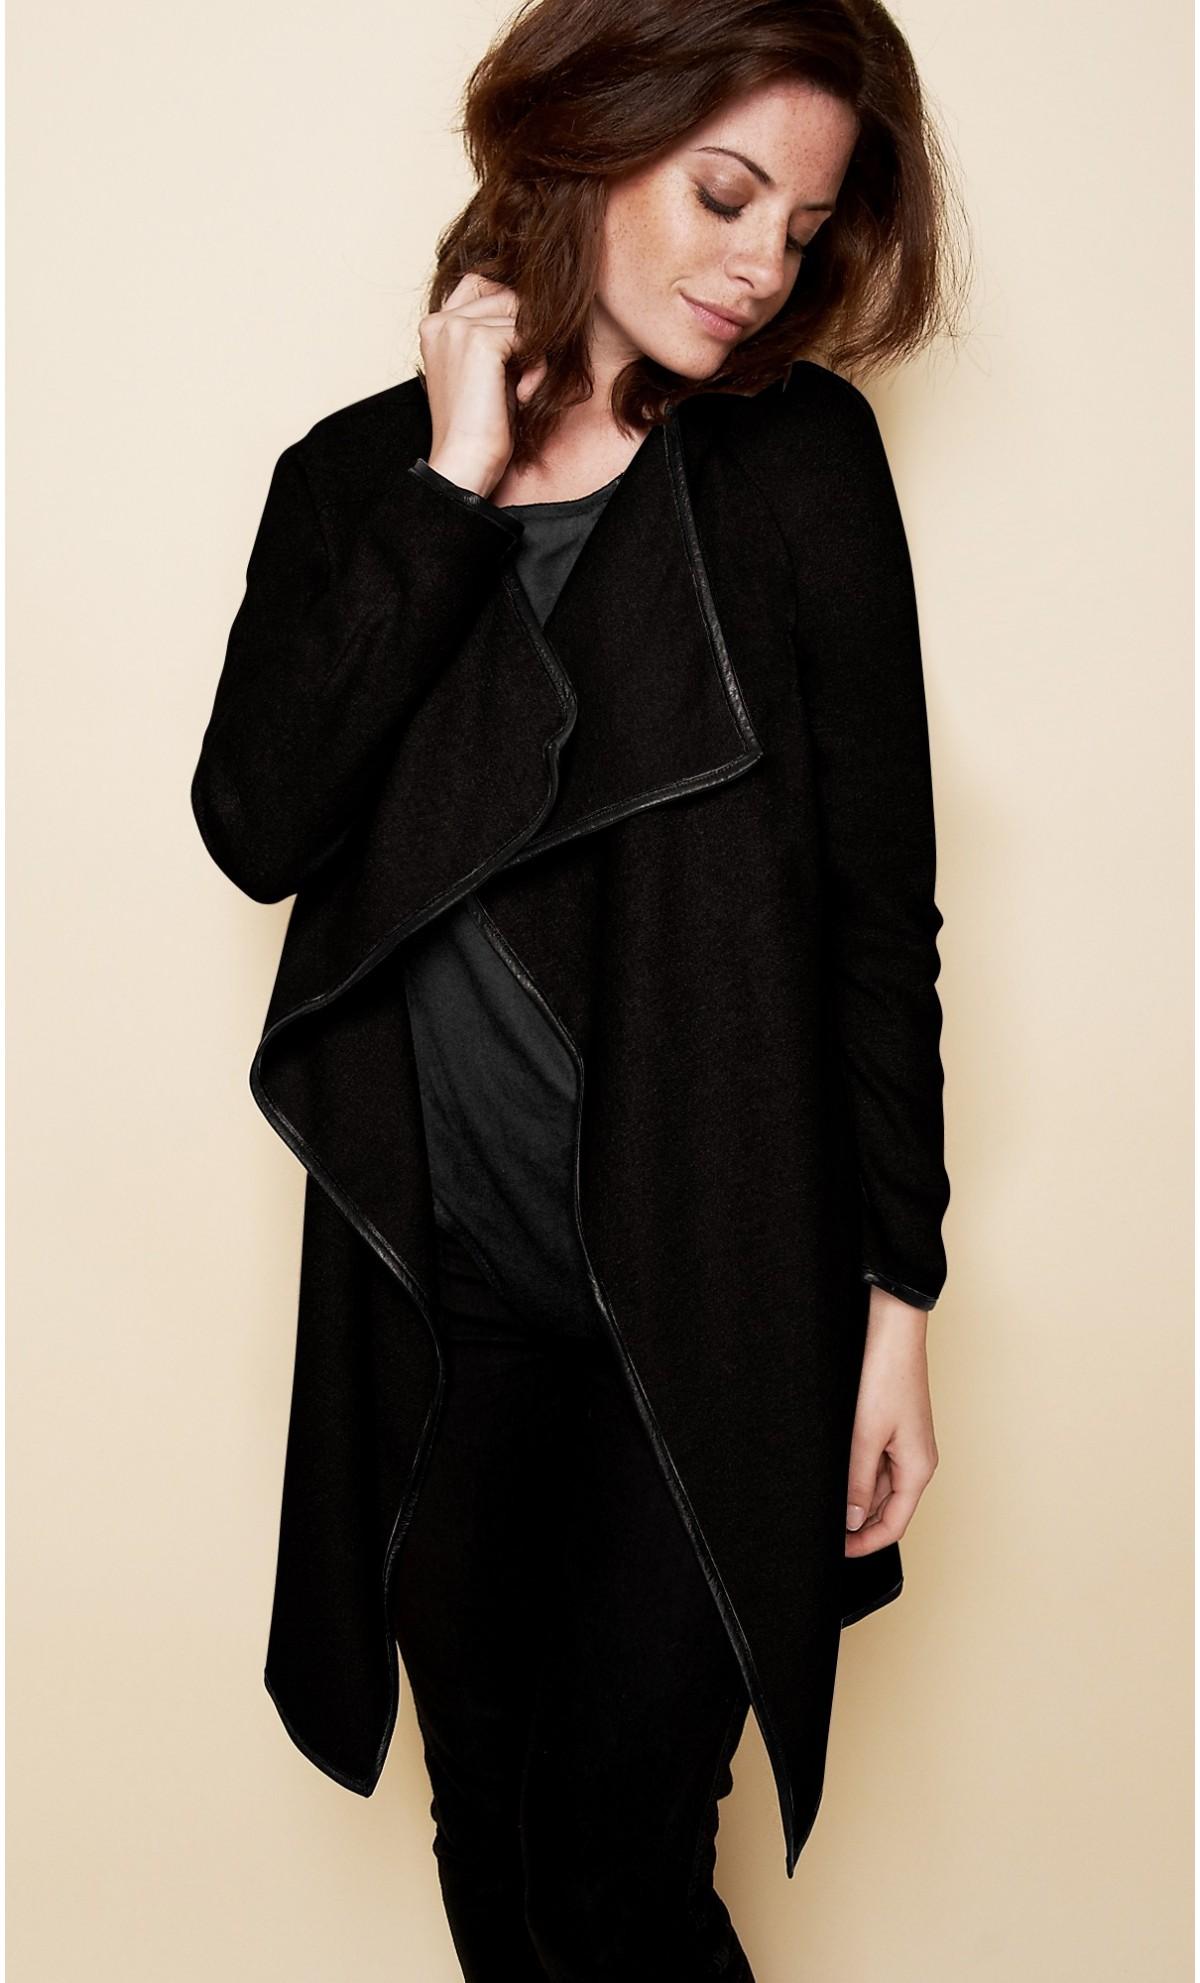 gilet long noir femme c 39 est le gilet parfait. Black Bedroom Furniture Sets. Home Design Ideas